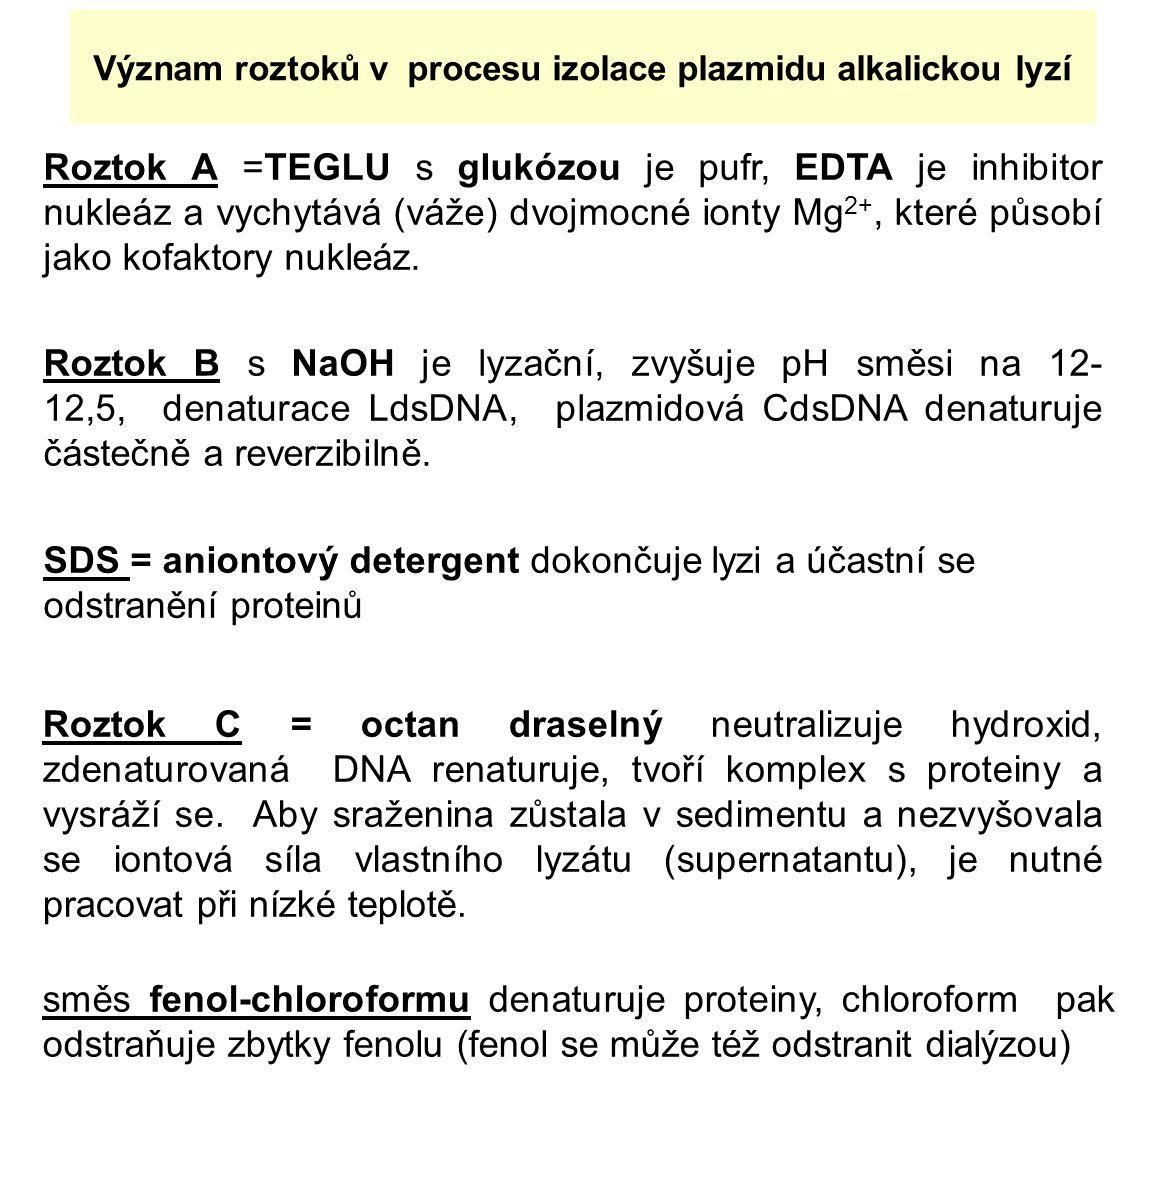 Význam roztoků v procesu izolace plazmidu alkalickou lyzí